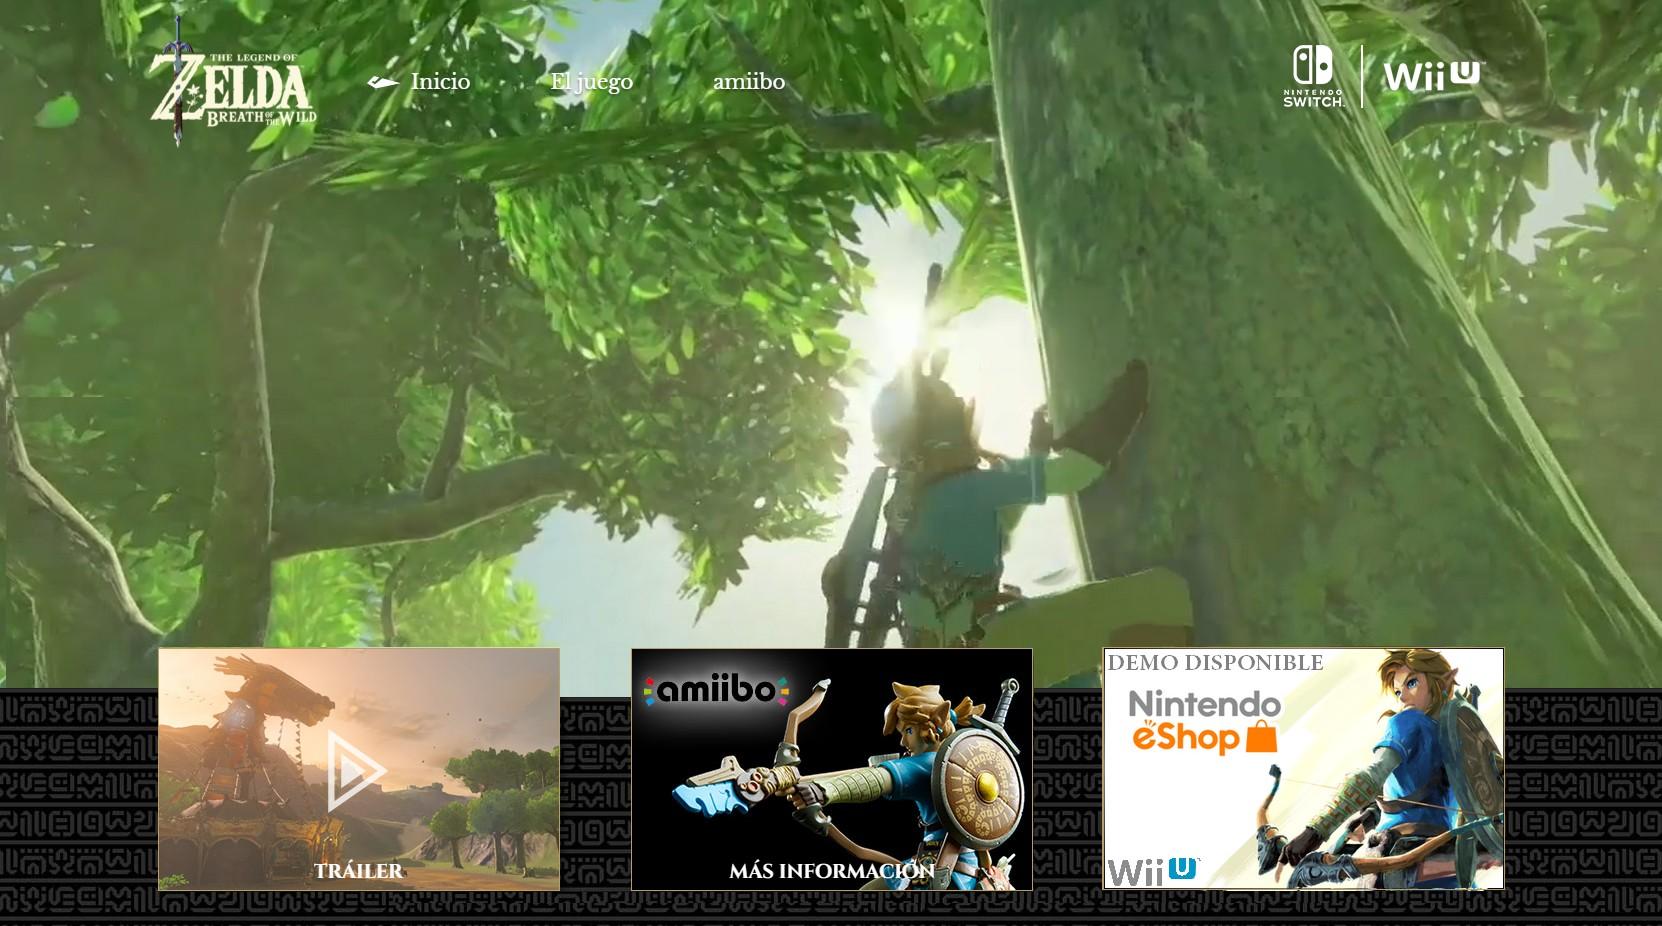 DEMO de Zelda Breath of the Wild ya disponible en eShop de Wii U